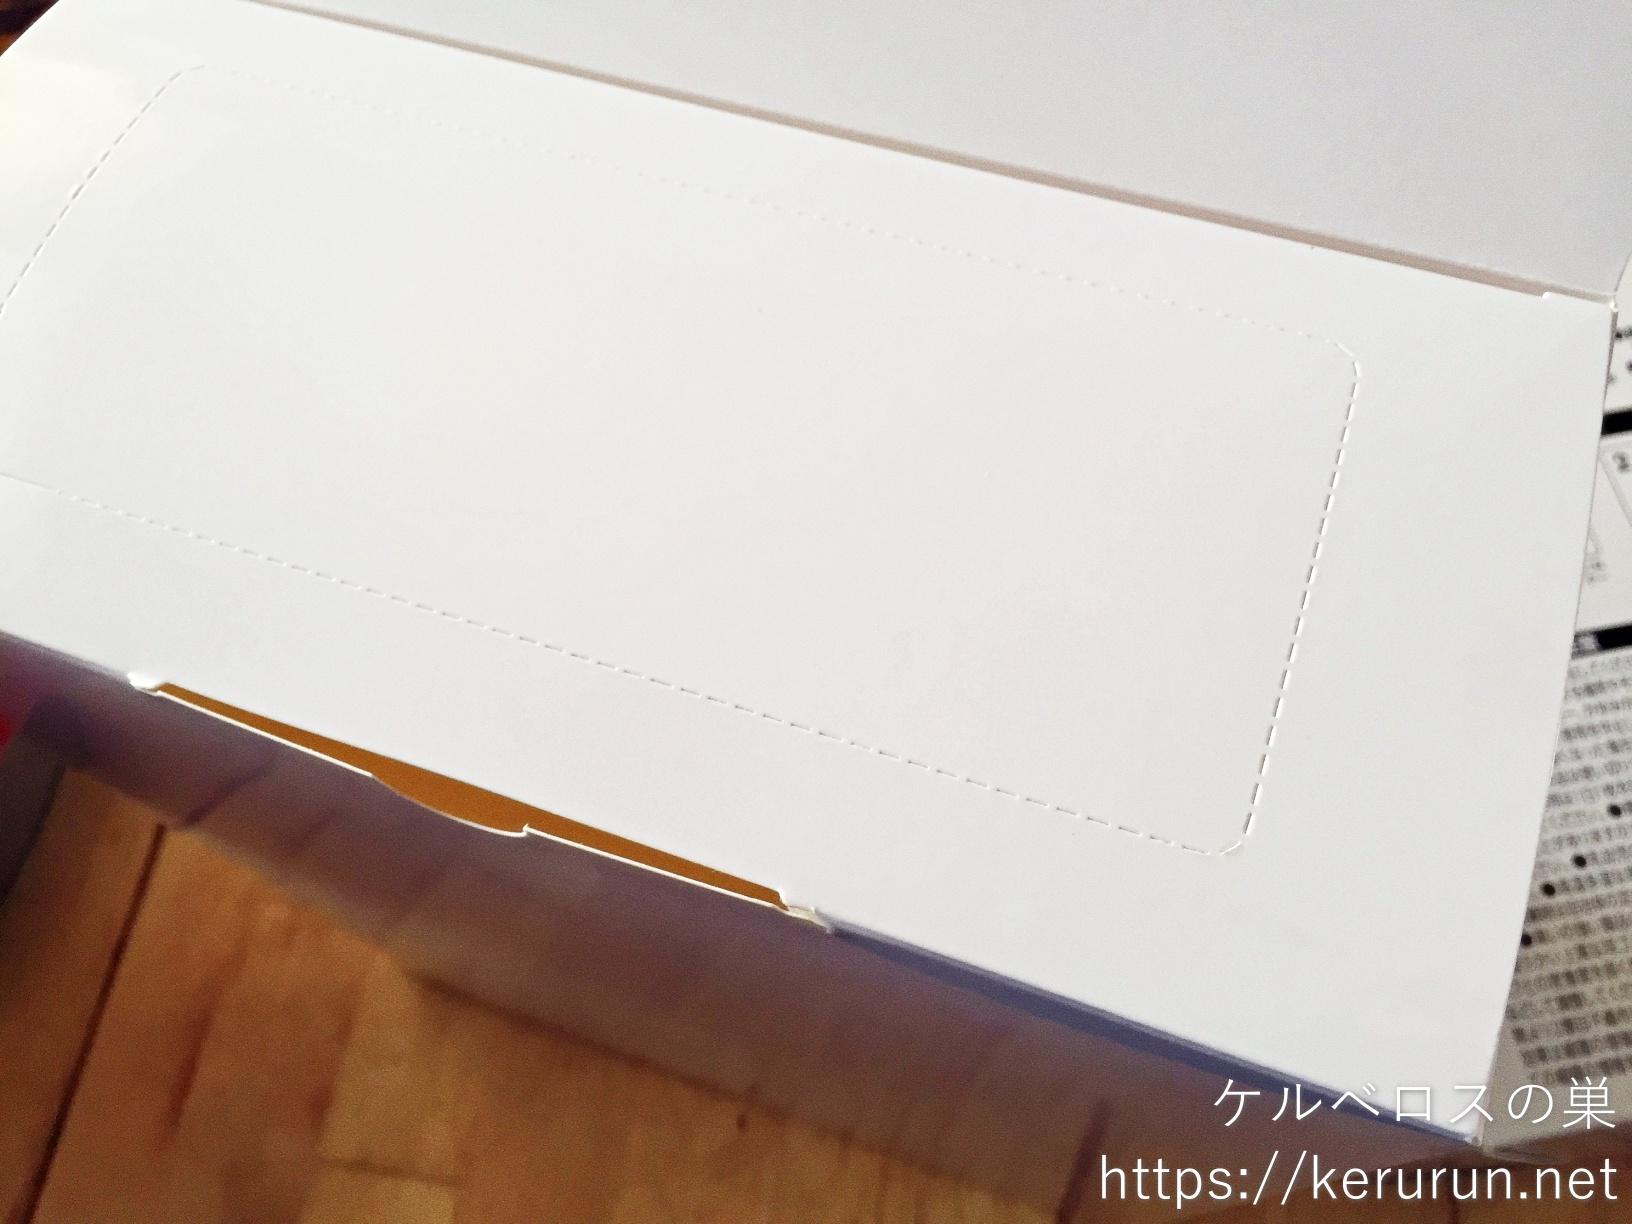 【コストコ】極上空間4層プレミアムマスク(ふつうサイズ)